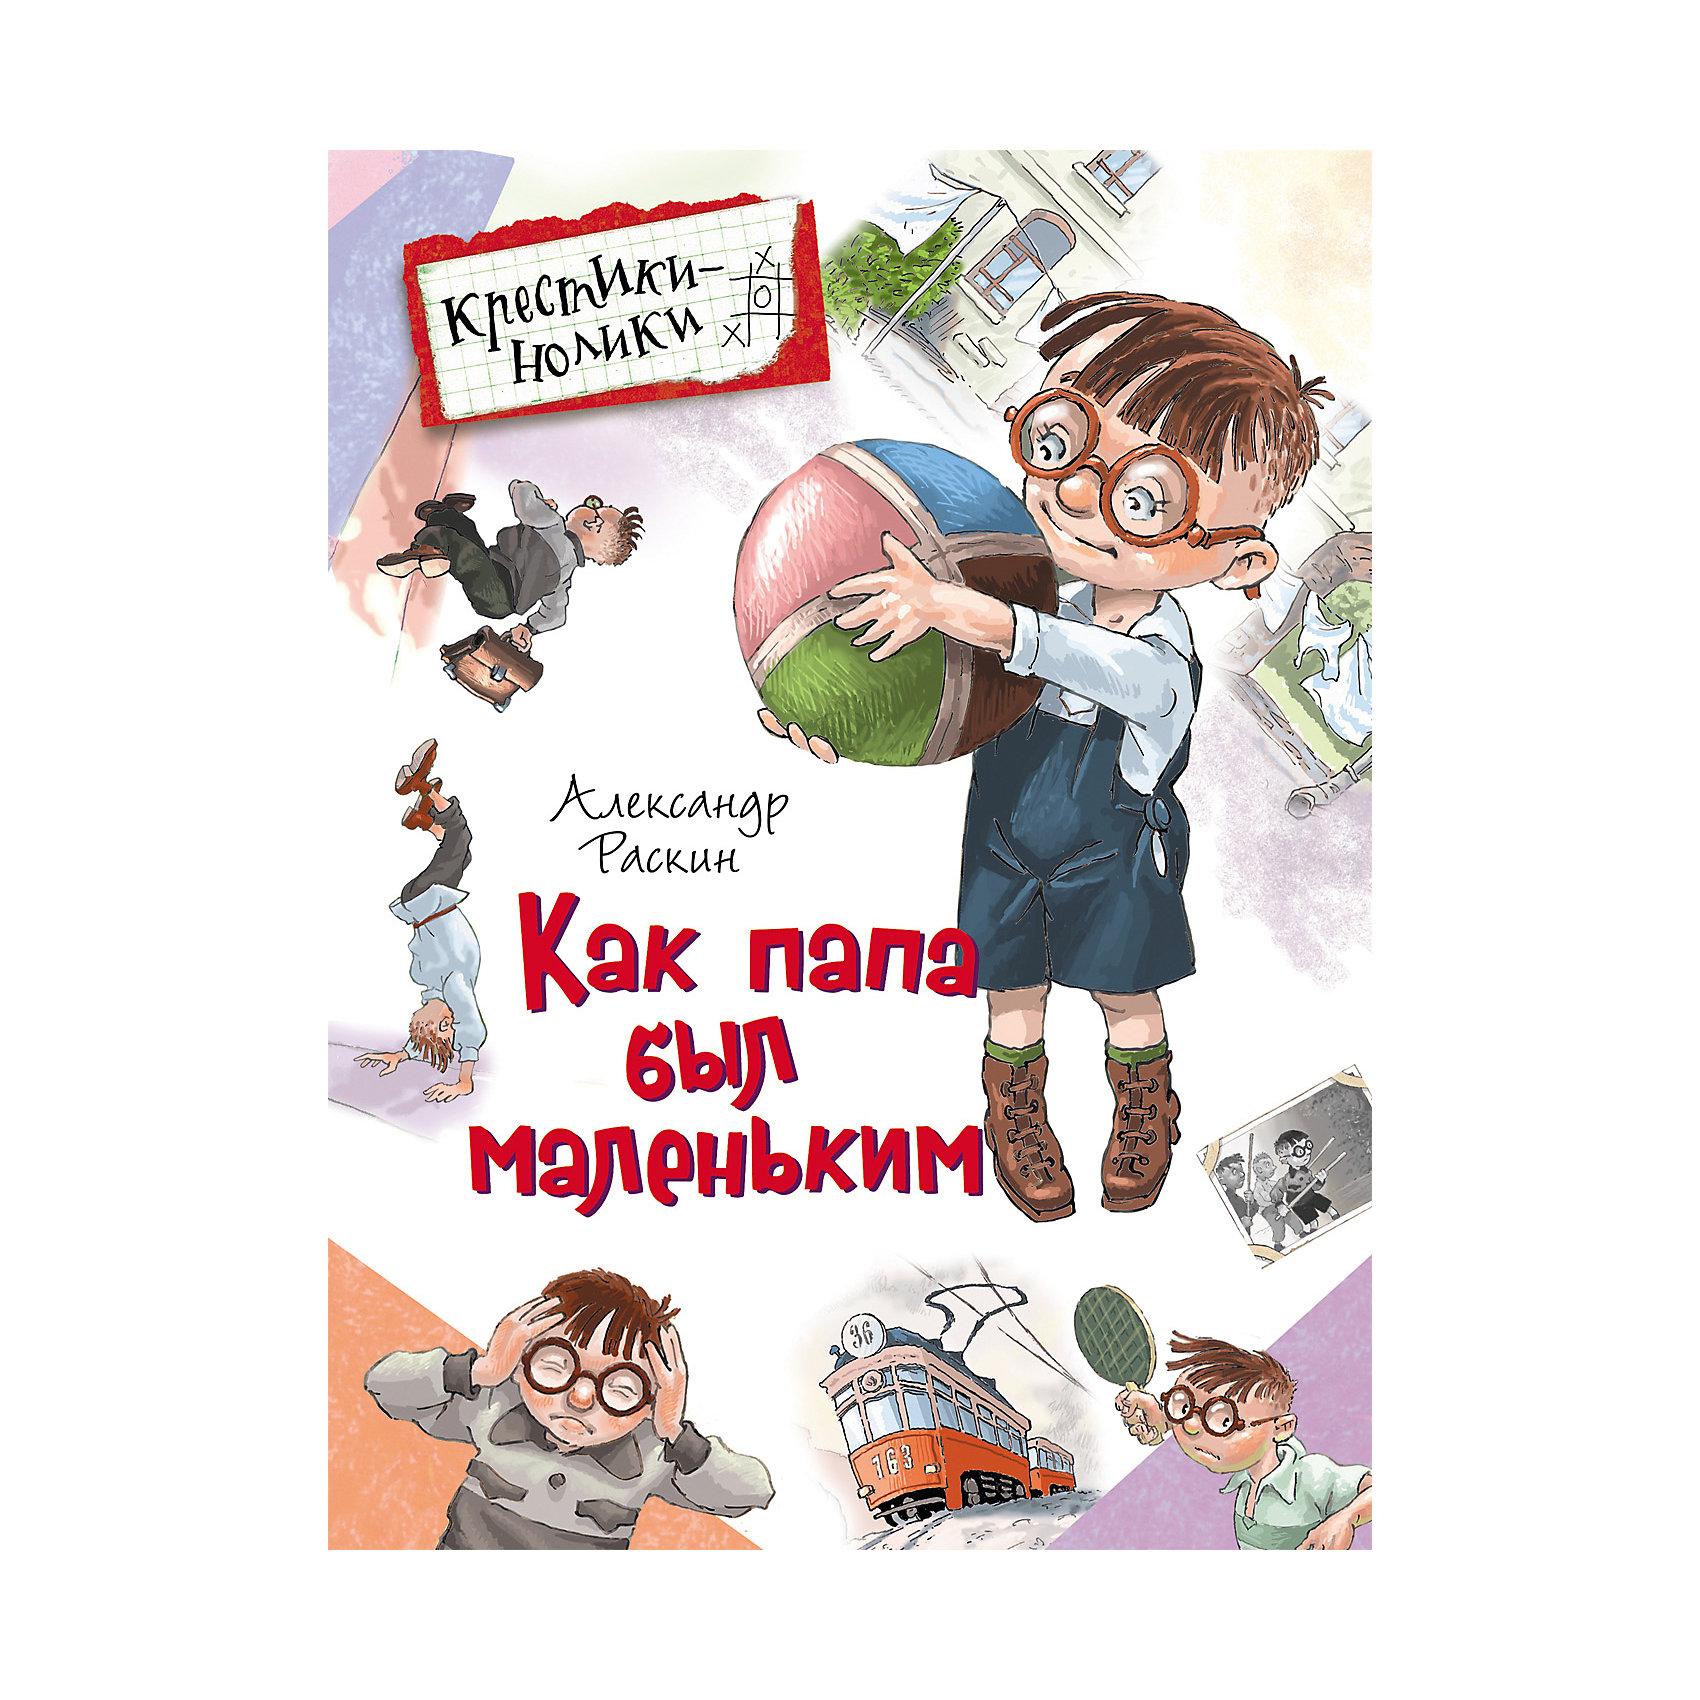 Как папа был маленьким, А. РаскинРассказы и повести<br>Характеристики товара:<br><br>- цвет: разноцветный;<br>- материал: бумага;<br>- страниц: 144;<br>- формат: 22 x 17 см;<br>- обложка: твердая;<br>- иллюстрации.<br><br>Эта интересная книга с иллюстрациями станет отличным подарком для ребенка. Она содержит в себе поучительные и смешные истории, которые позволят детям еще больше полюбить чтение. Талантливый иллюстратор дополнил книгу качественными рисунками, которые помогают ребенку проникнуться особым духом историй.<br>Чтение - отличный способ активизации мышления, оно помогает ребенку развивать зрительную память, концентрацию внимания и воображение. Издание произведено из качественных материалов, которые безопасны даже для самых маленьких.<br><br>Издание Как папа был маленьким, А. Раскин от компании Росмэн можно купить в нашем интернет-магазине.<br><br>Ширина мм: 220<br>Глубина мм: 168<br>Высота мм: 12<br>Вес г: 339<br>Возраст от месяцев: 84<br>Возраст до месяцев: 108<br>Пол: Унисекс<br>Возраст: Детский<br>SKU: 5109901